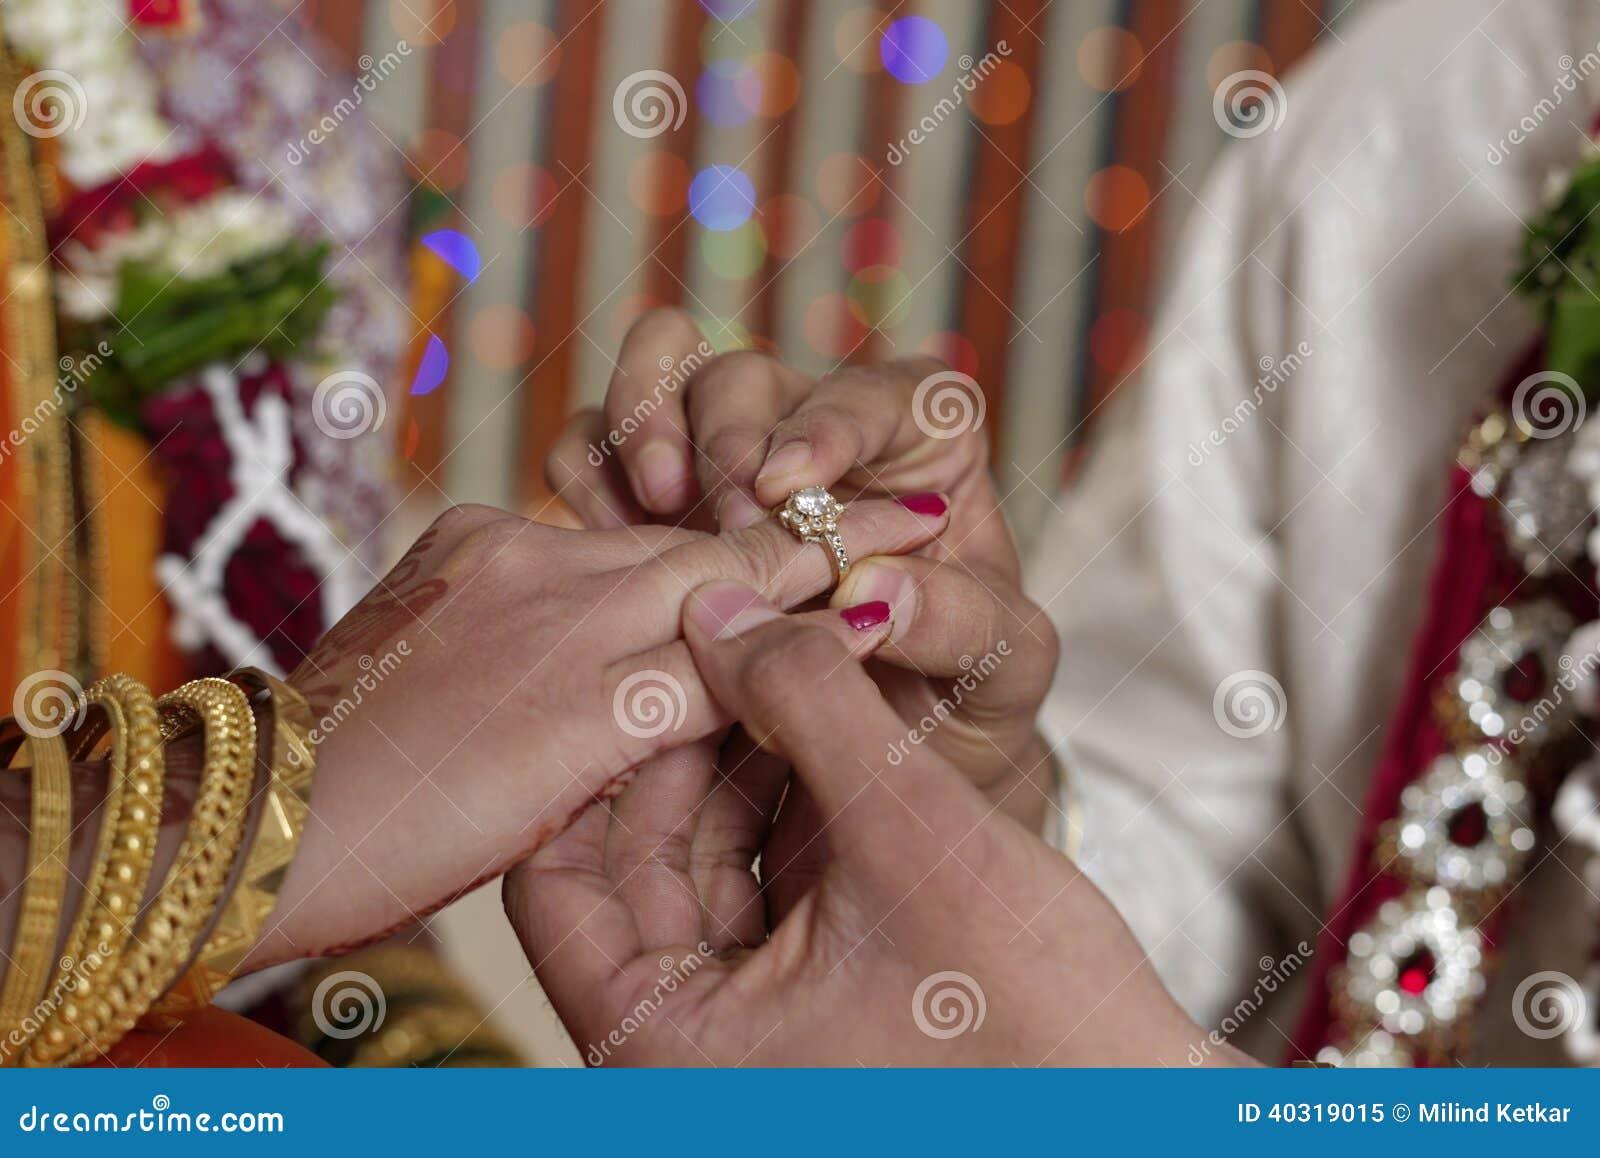 Индийский индусский жених и невеста обменивая обручальное кольцо в свадьбе махарастры.